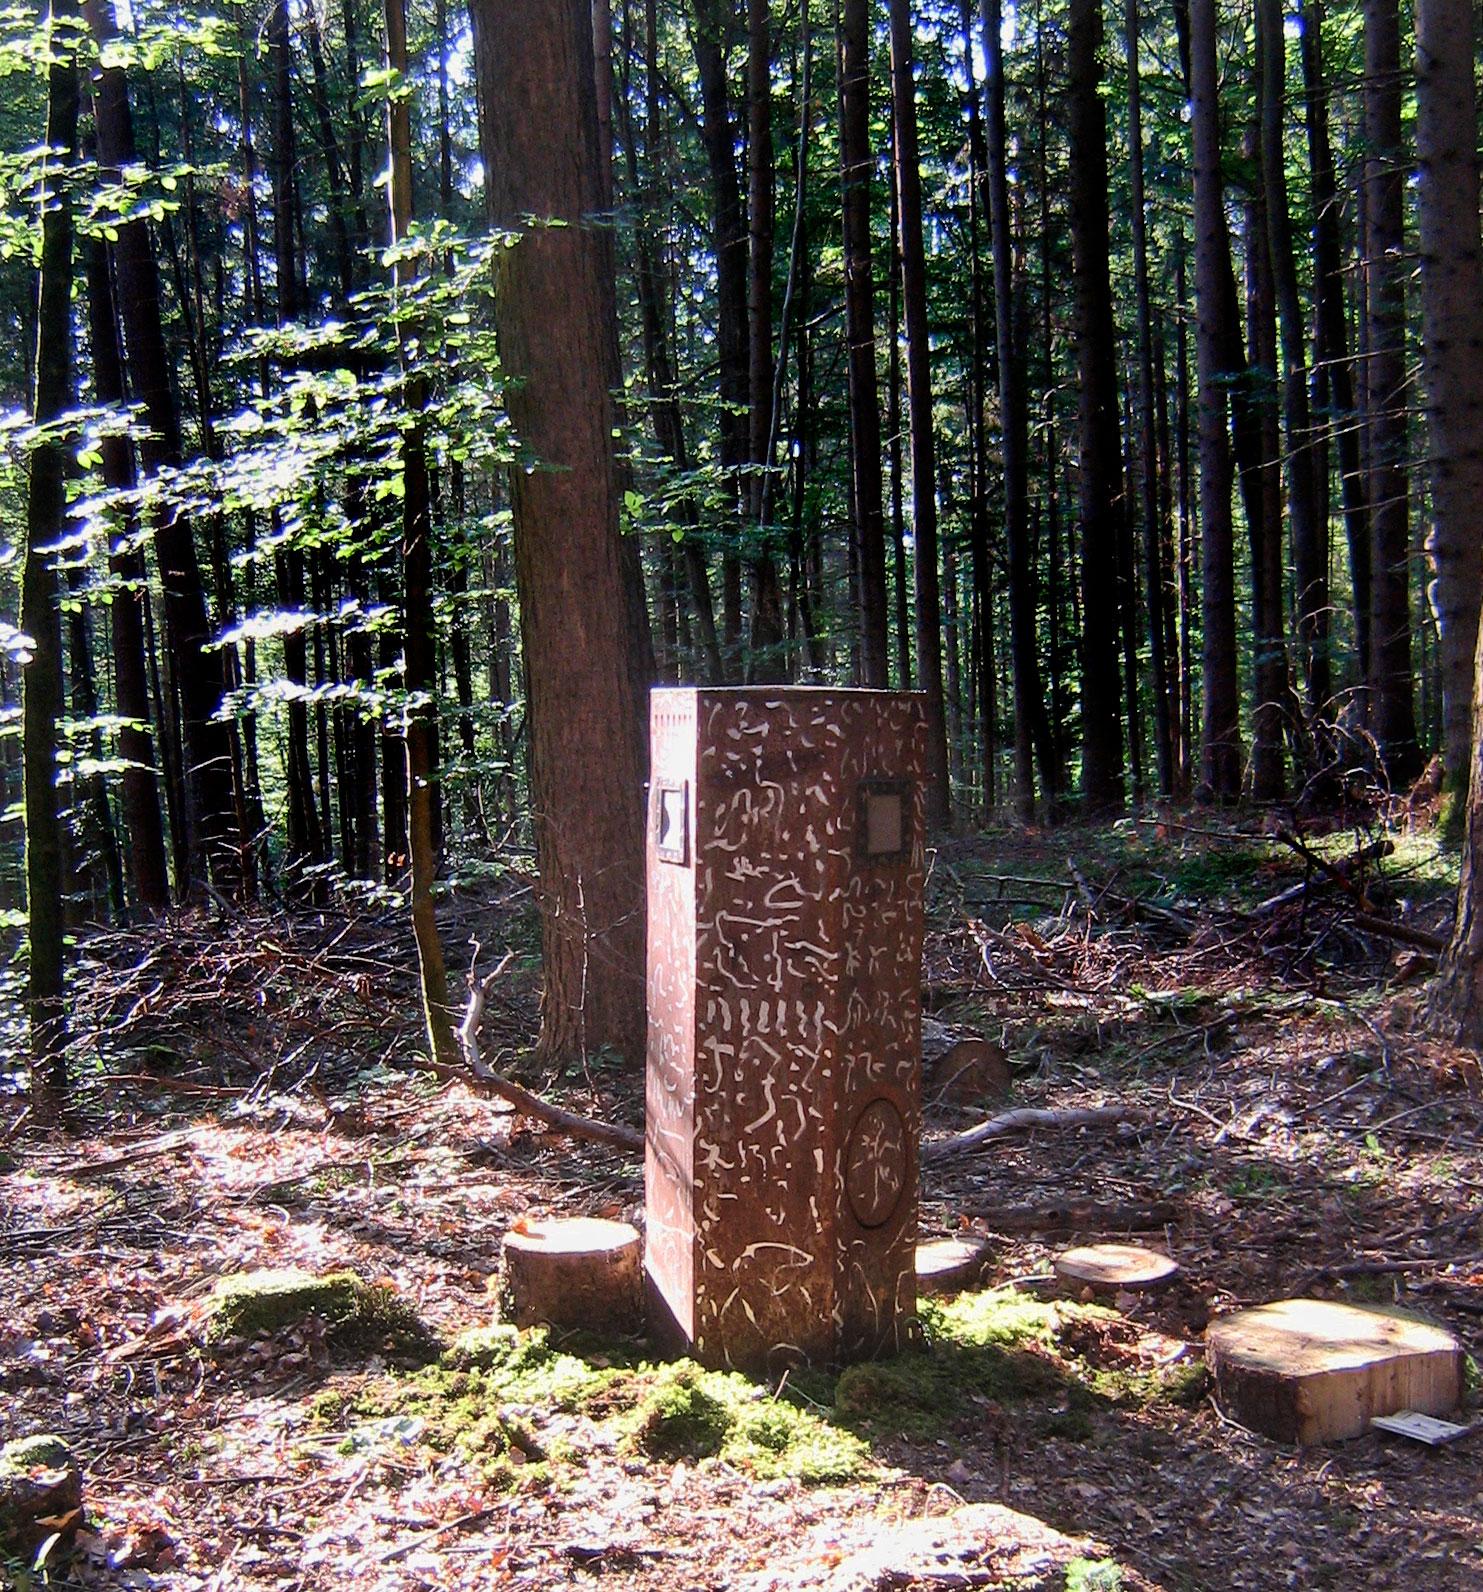 Waldelfenbeingelächter - Klanginstalltion, Kunstpfad Herwangen 2008